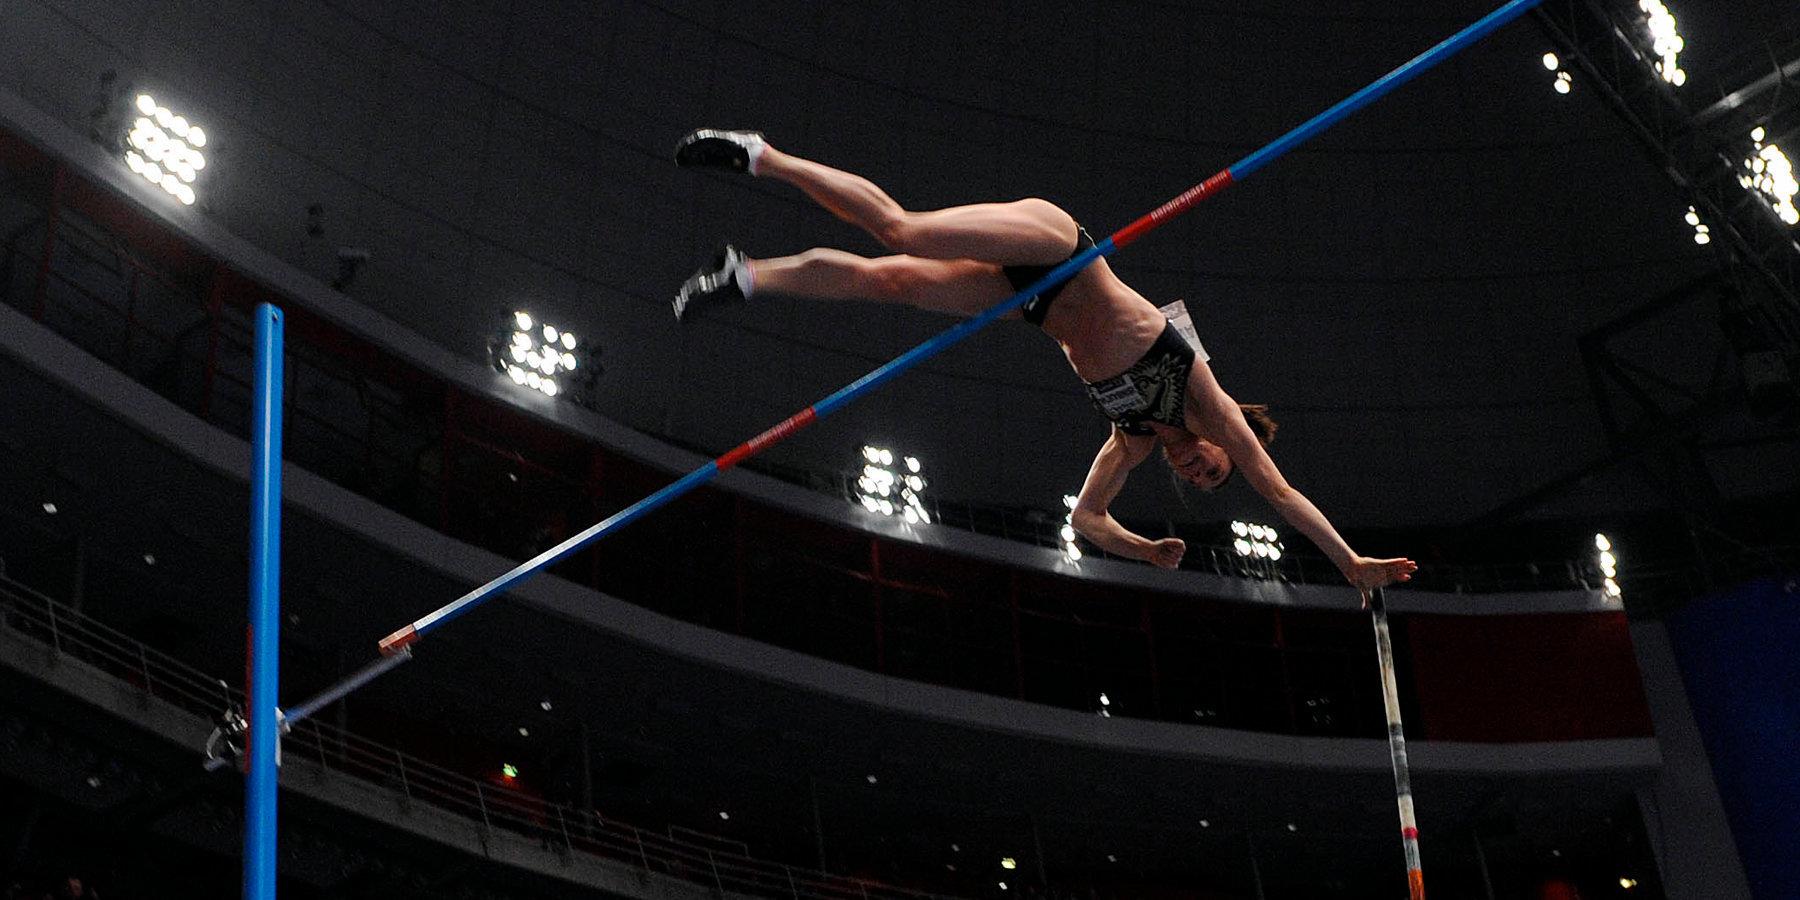 Шестеро легкоатлетов дисквалифицированы из-за нарушения антидопинговых правил